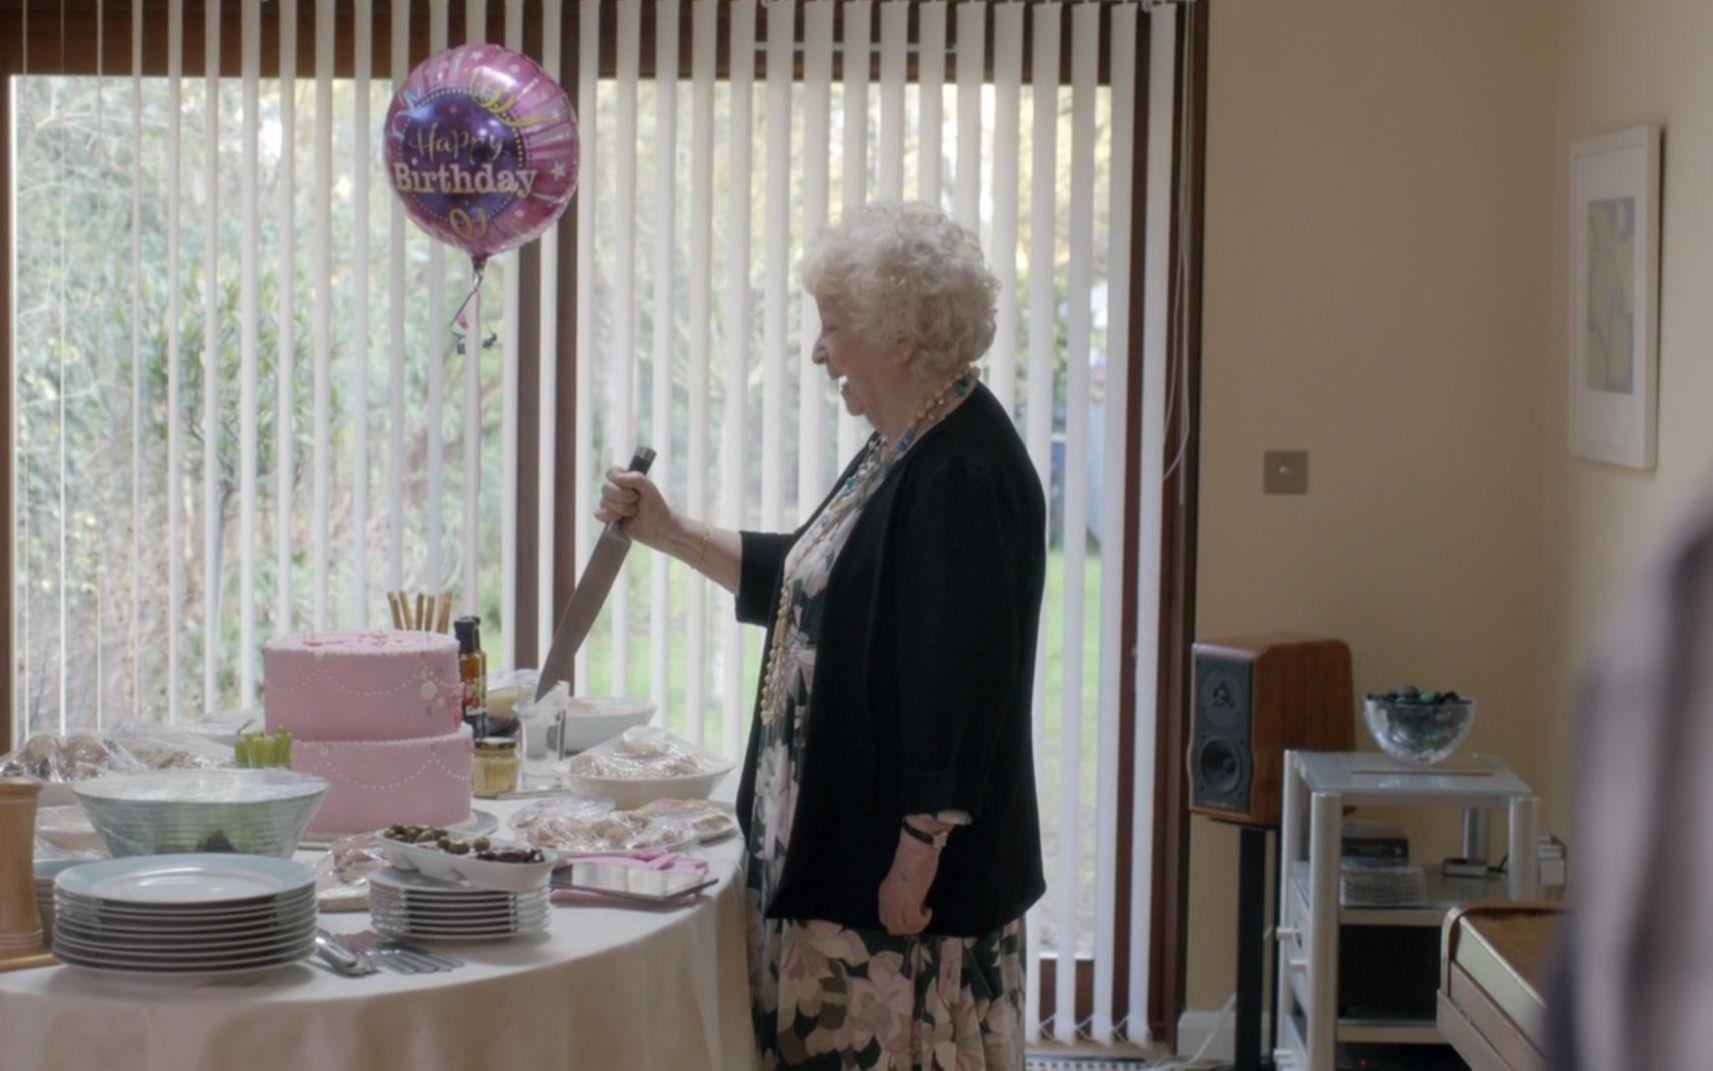 女儿躲进蛋糕底下,想给老母亲生日惊喜,却不料母亲直接一刀切下